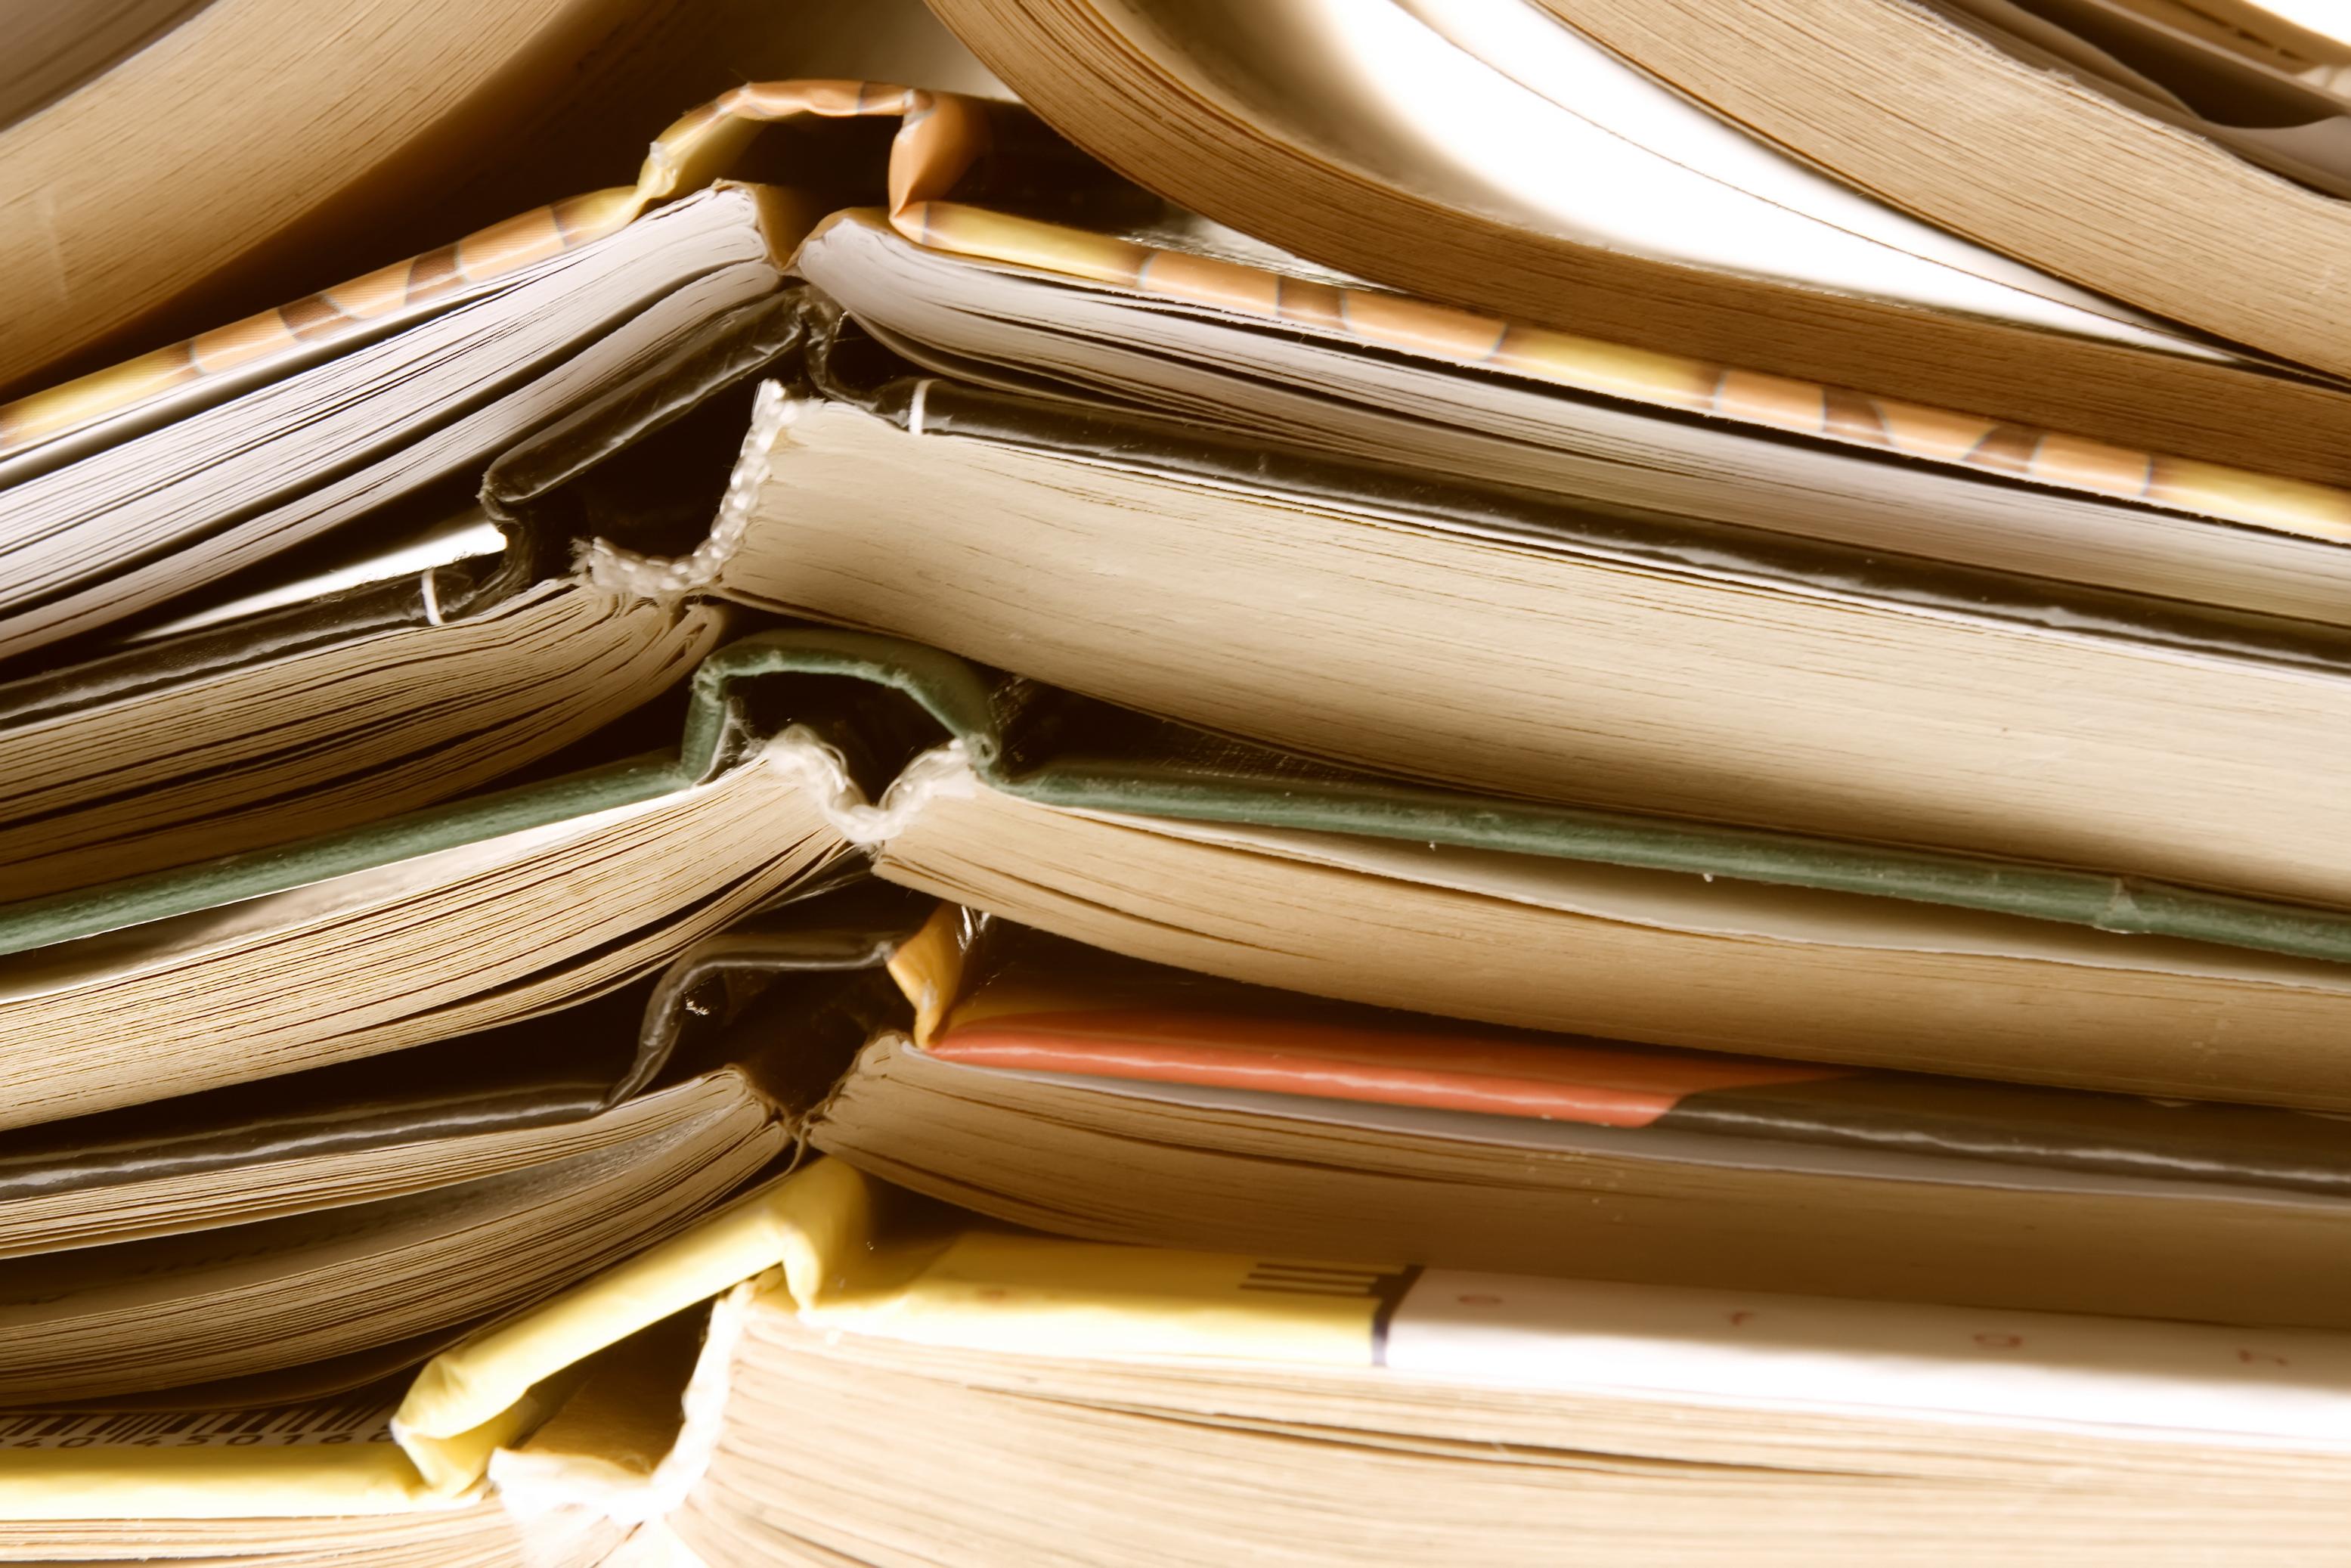 ¡Ahorra en cultura! Libros libres de derechos